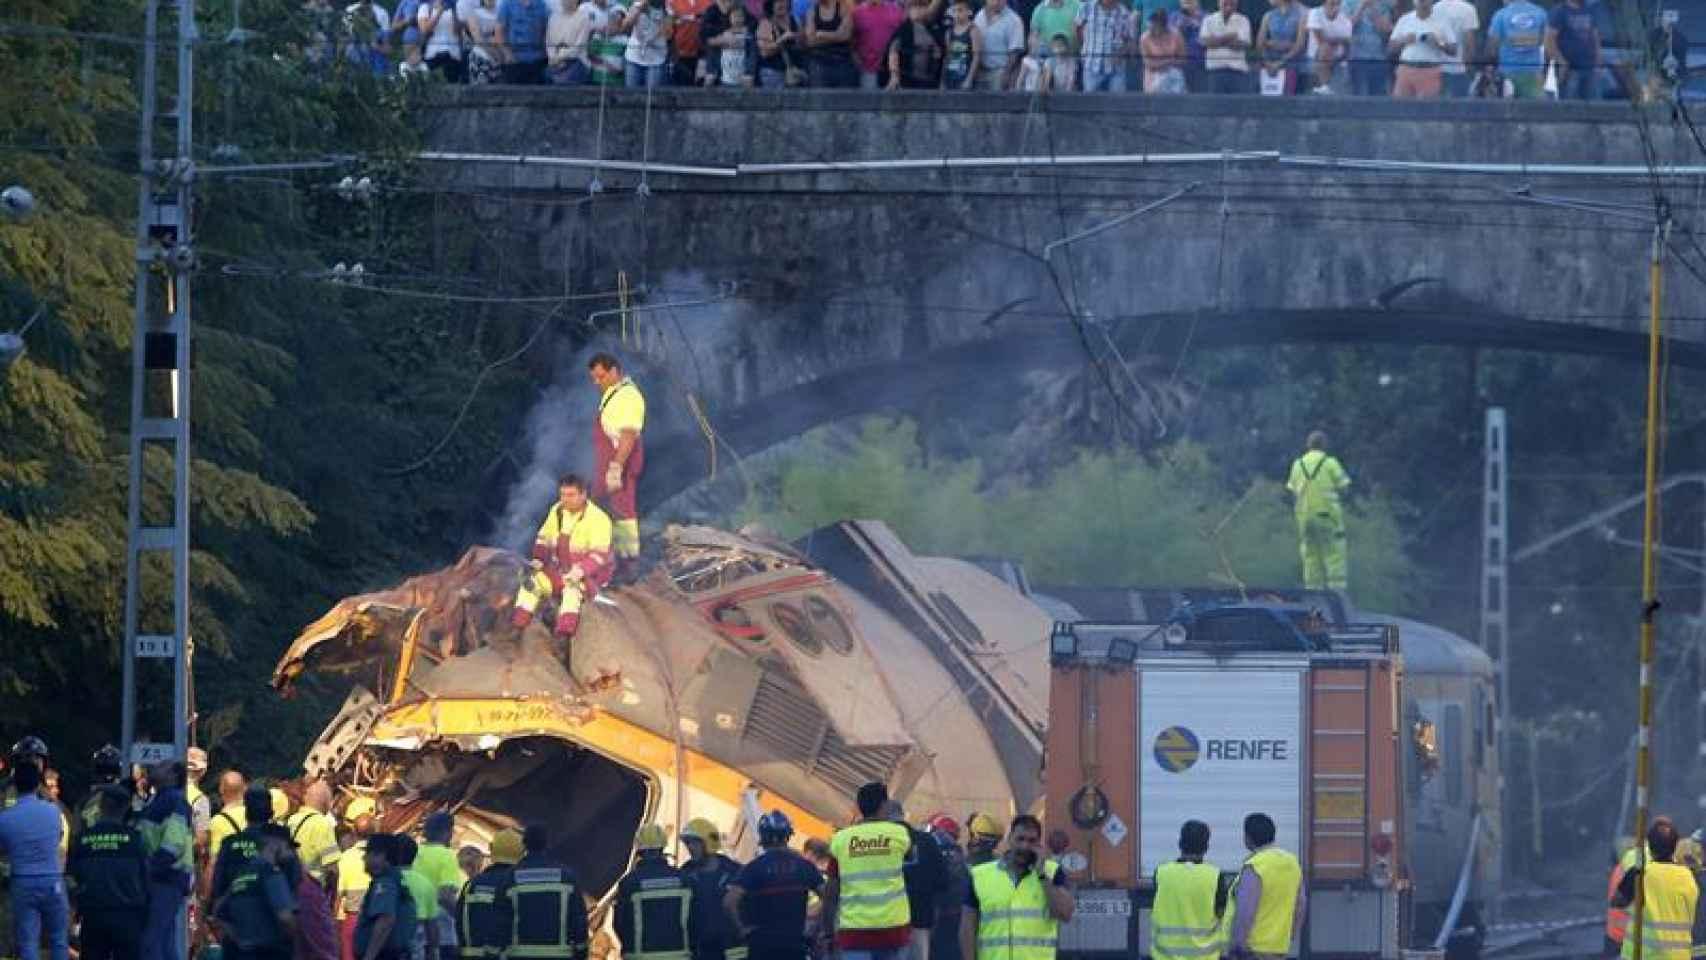 Los bomberos han trabajado esta noche en el tren accidentado de la compañía Comboios de Portugal. / Efe